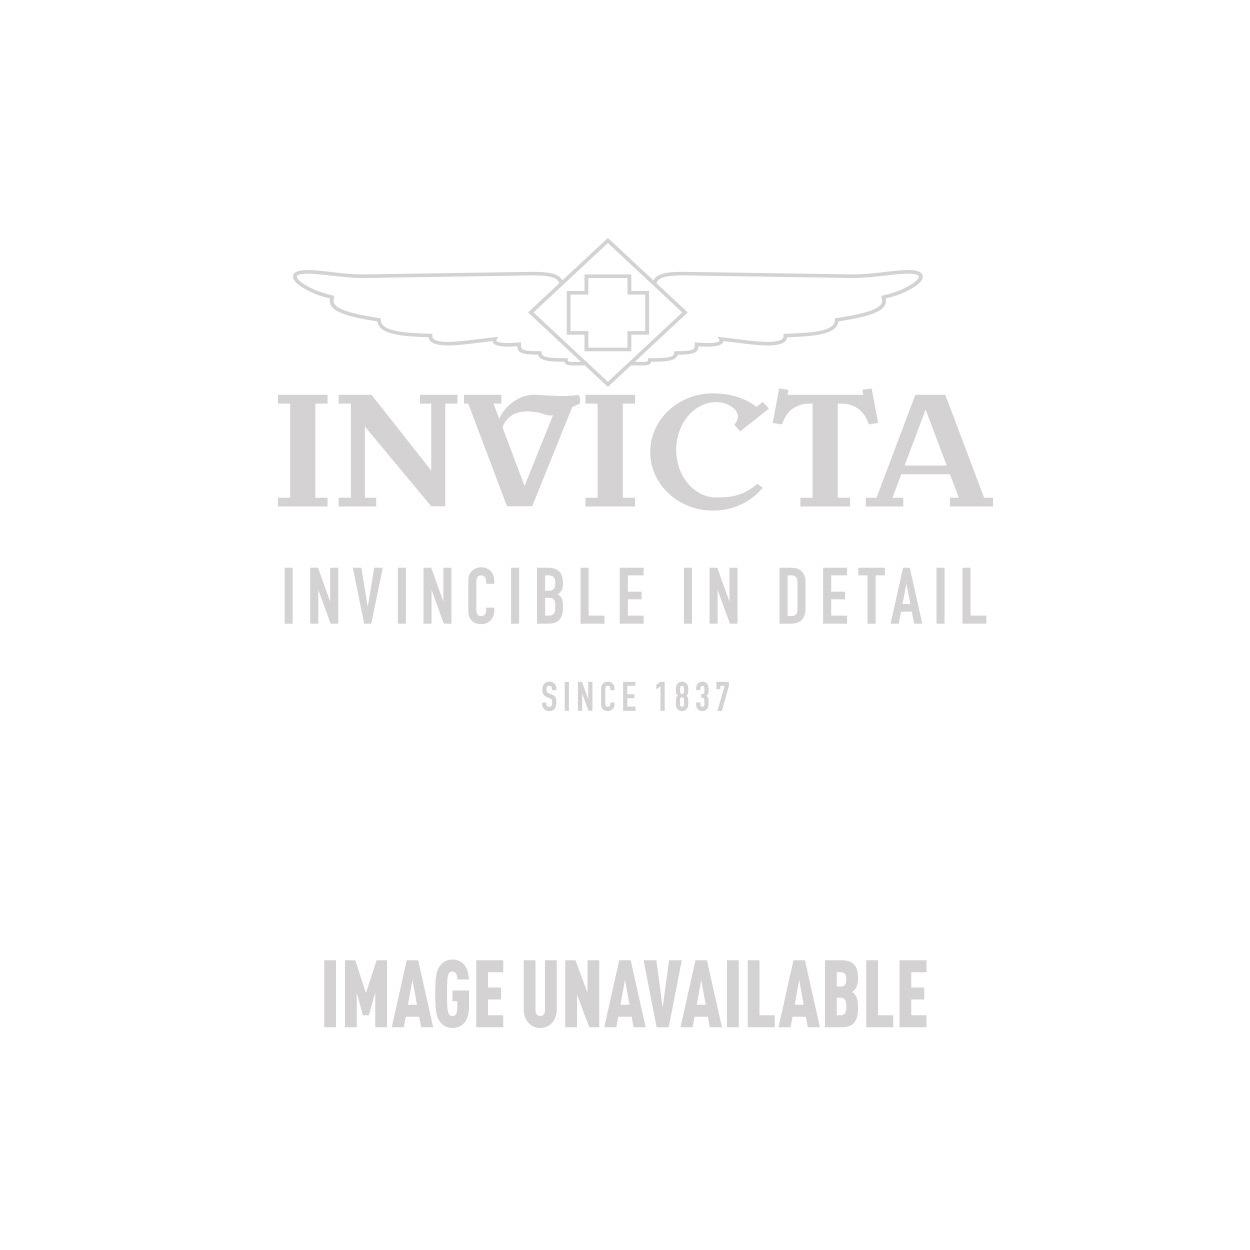 Invicta Model 27189